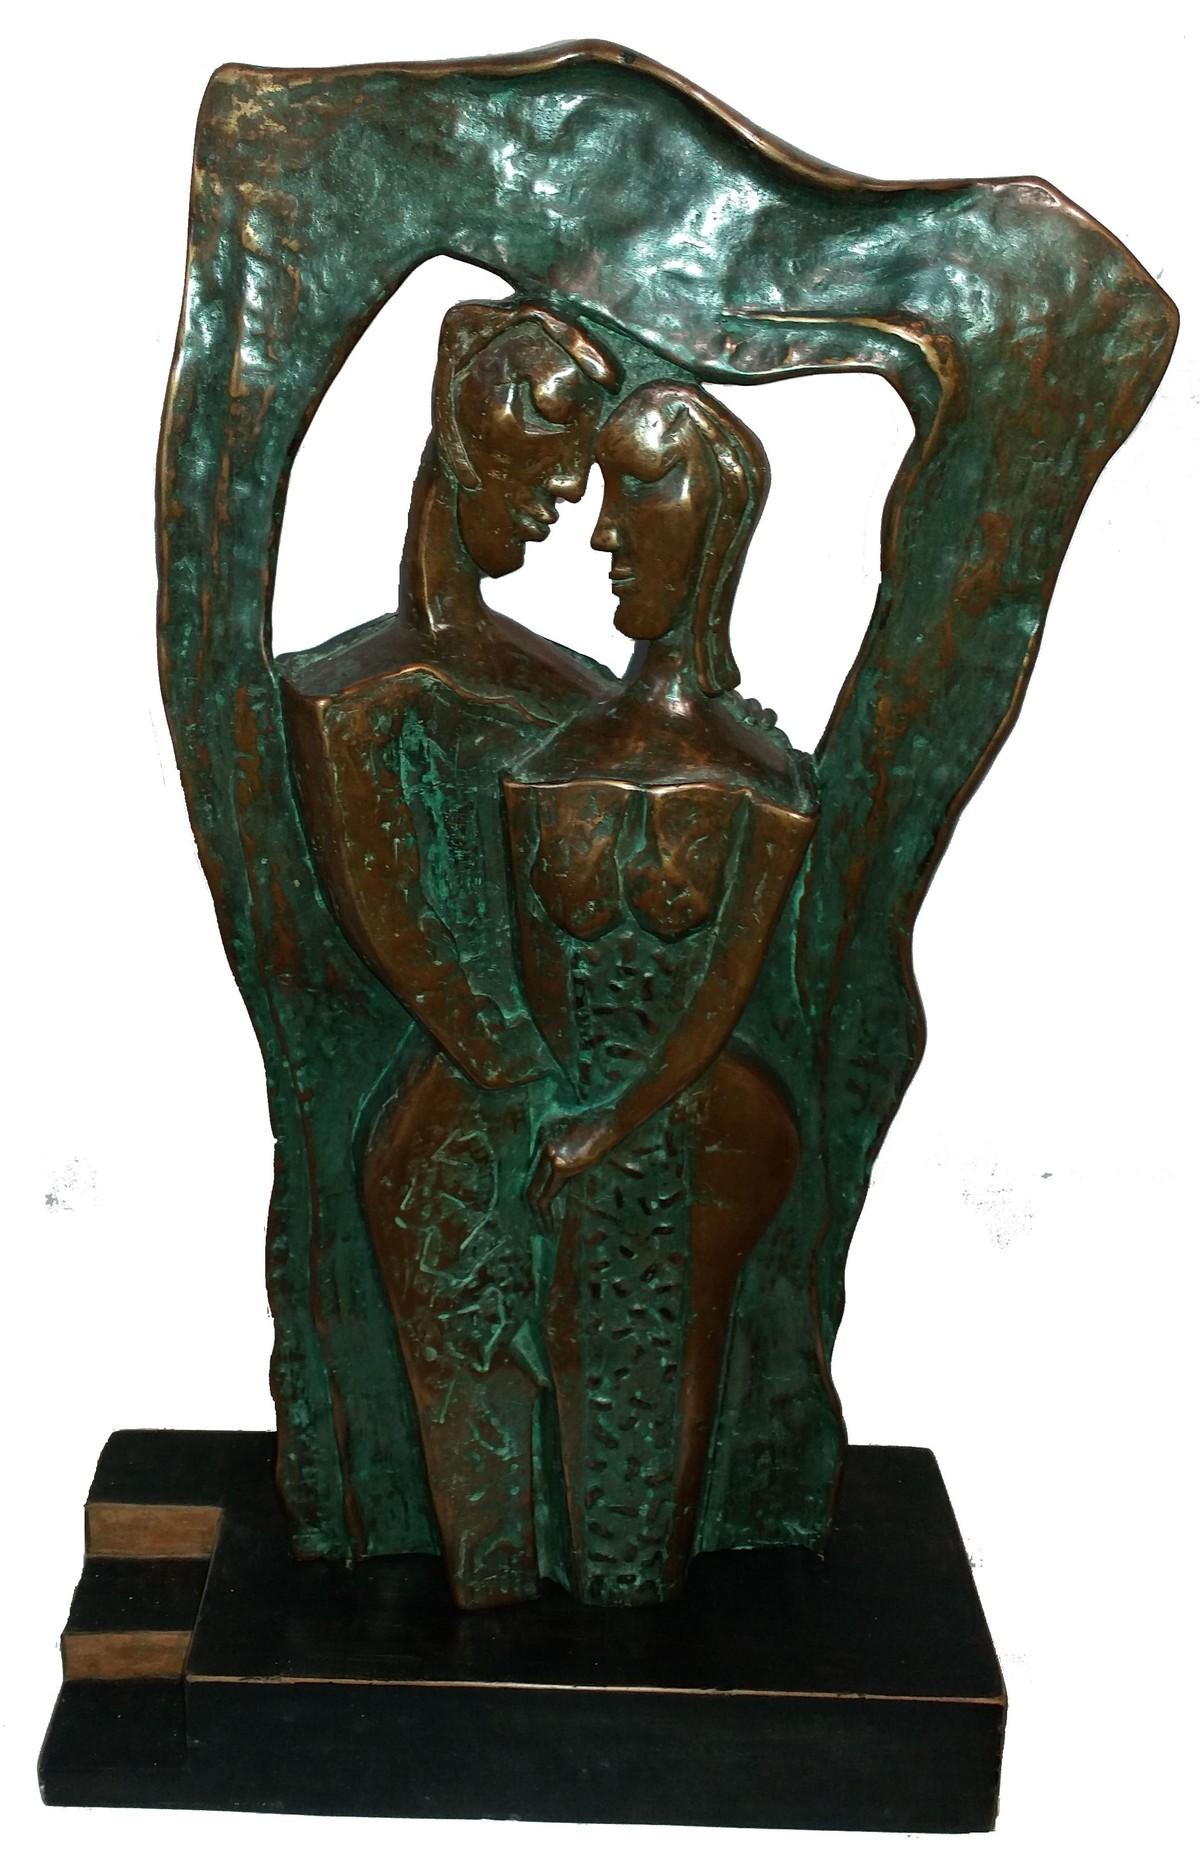 Untitled by L.S. Rana, Art Deco Sculpture | 3D, Bronze, Green color